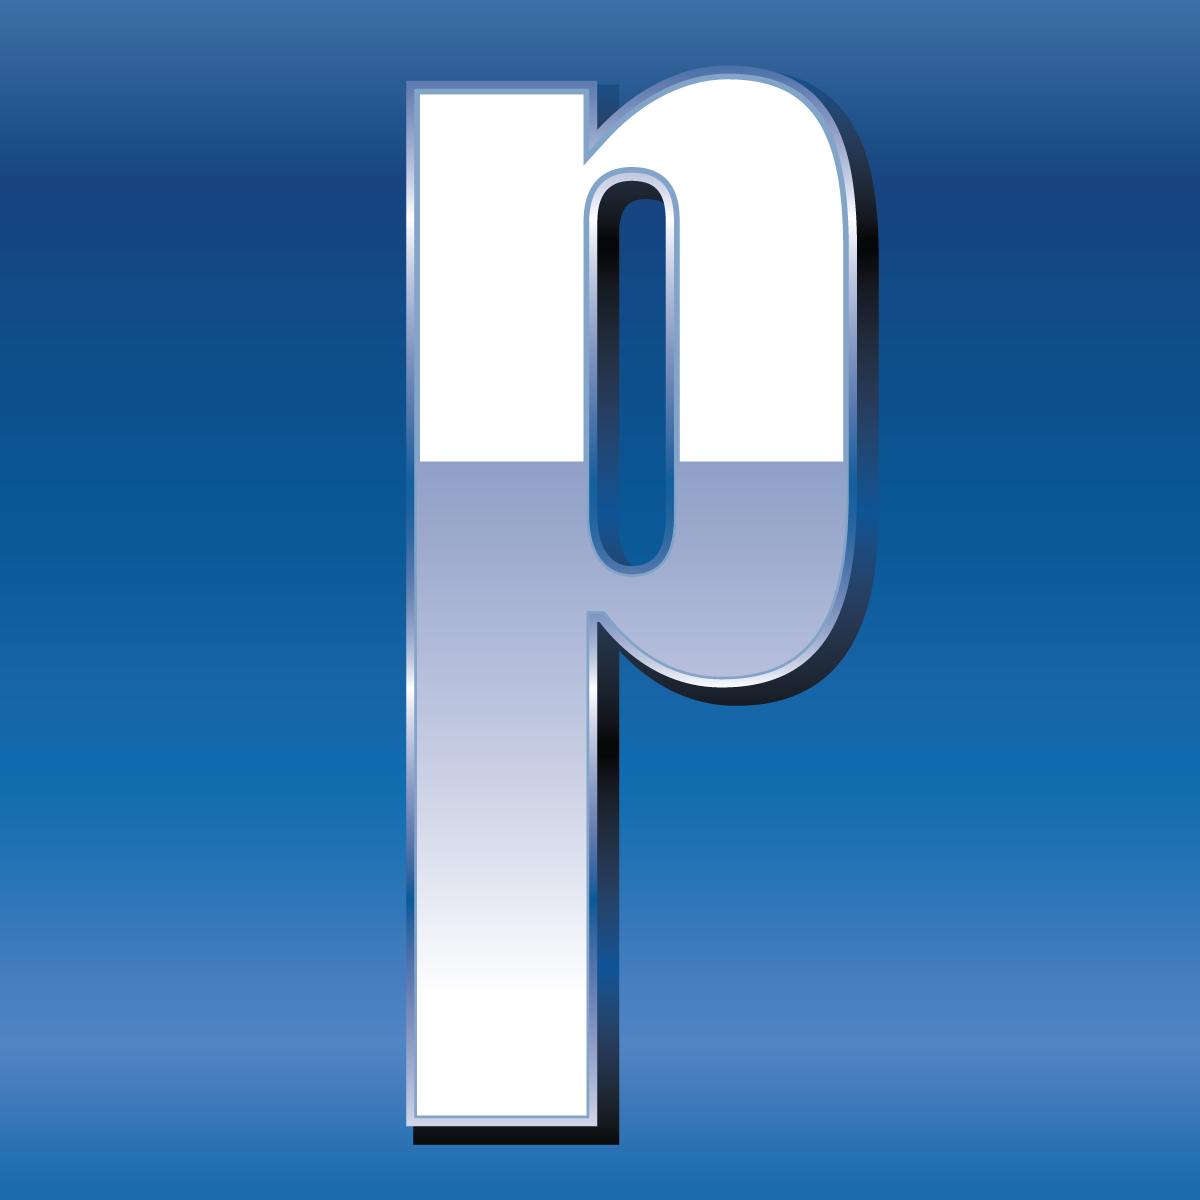 Amazon.com: PAINTSCRATCH Automotive Touch Up Paint: Mercedes